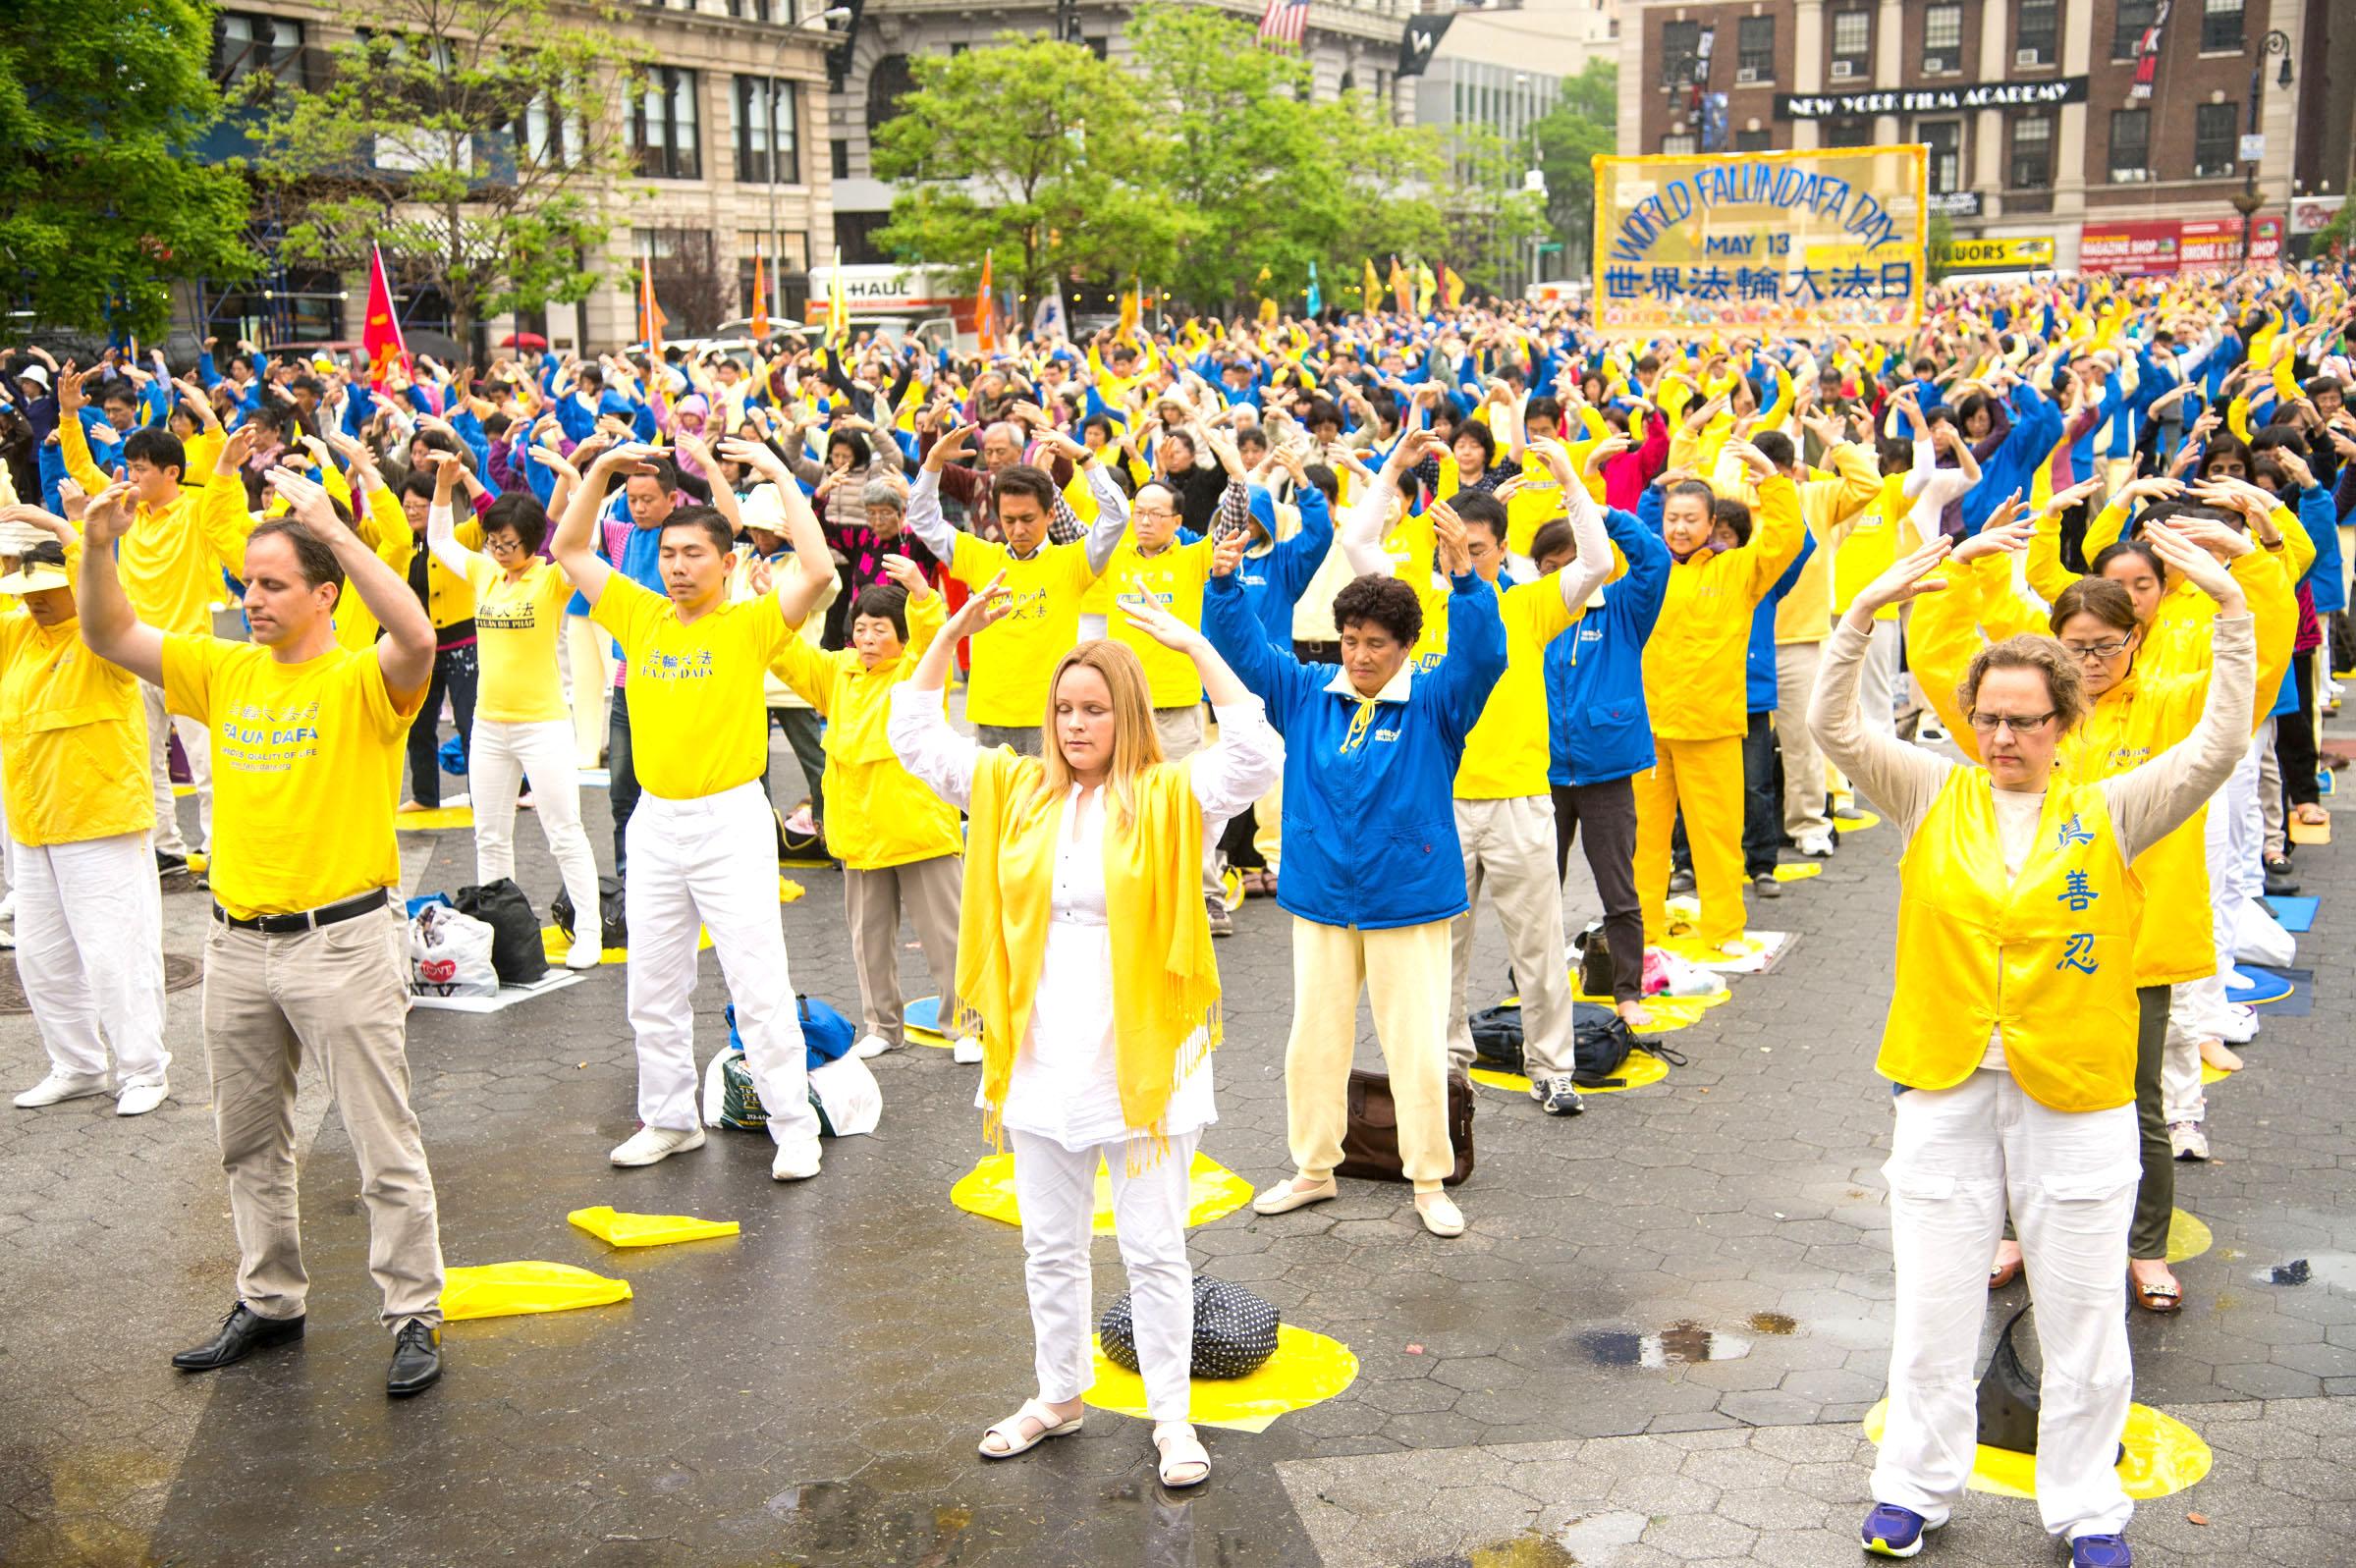 Các học viên Pháp Luân Công tập bài công Pháp số 2 tại Quảng trường Union ở Hạ Manhattan ngày 13/5/2014 - kỷ niệm ngày Pháp Luân Đại Pháp Thế giới